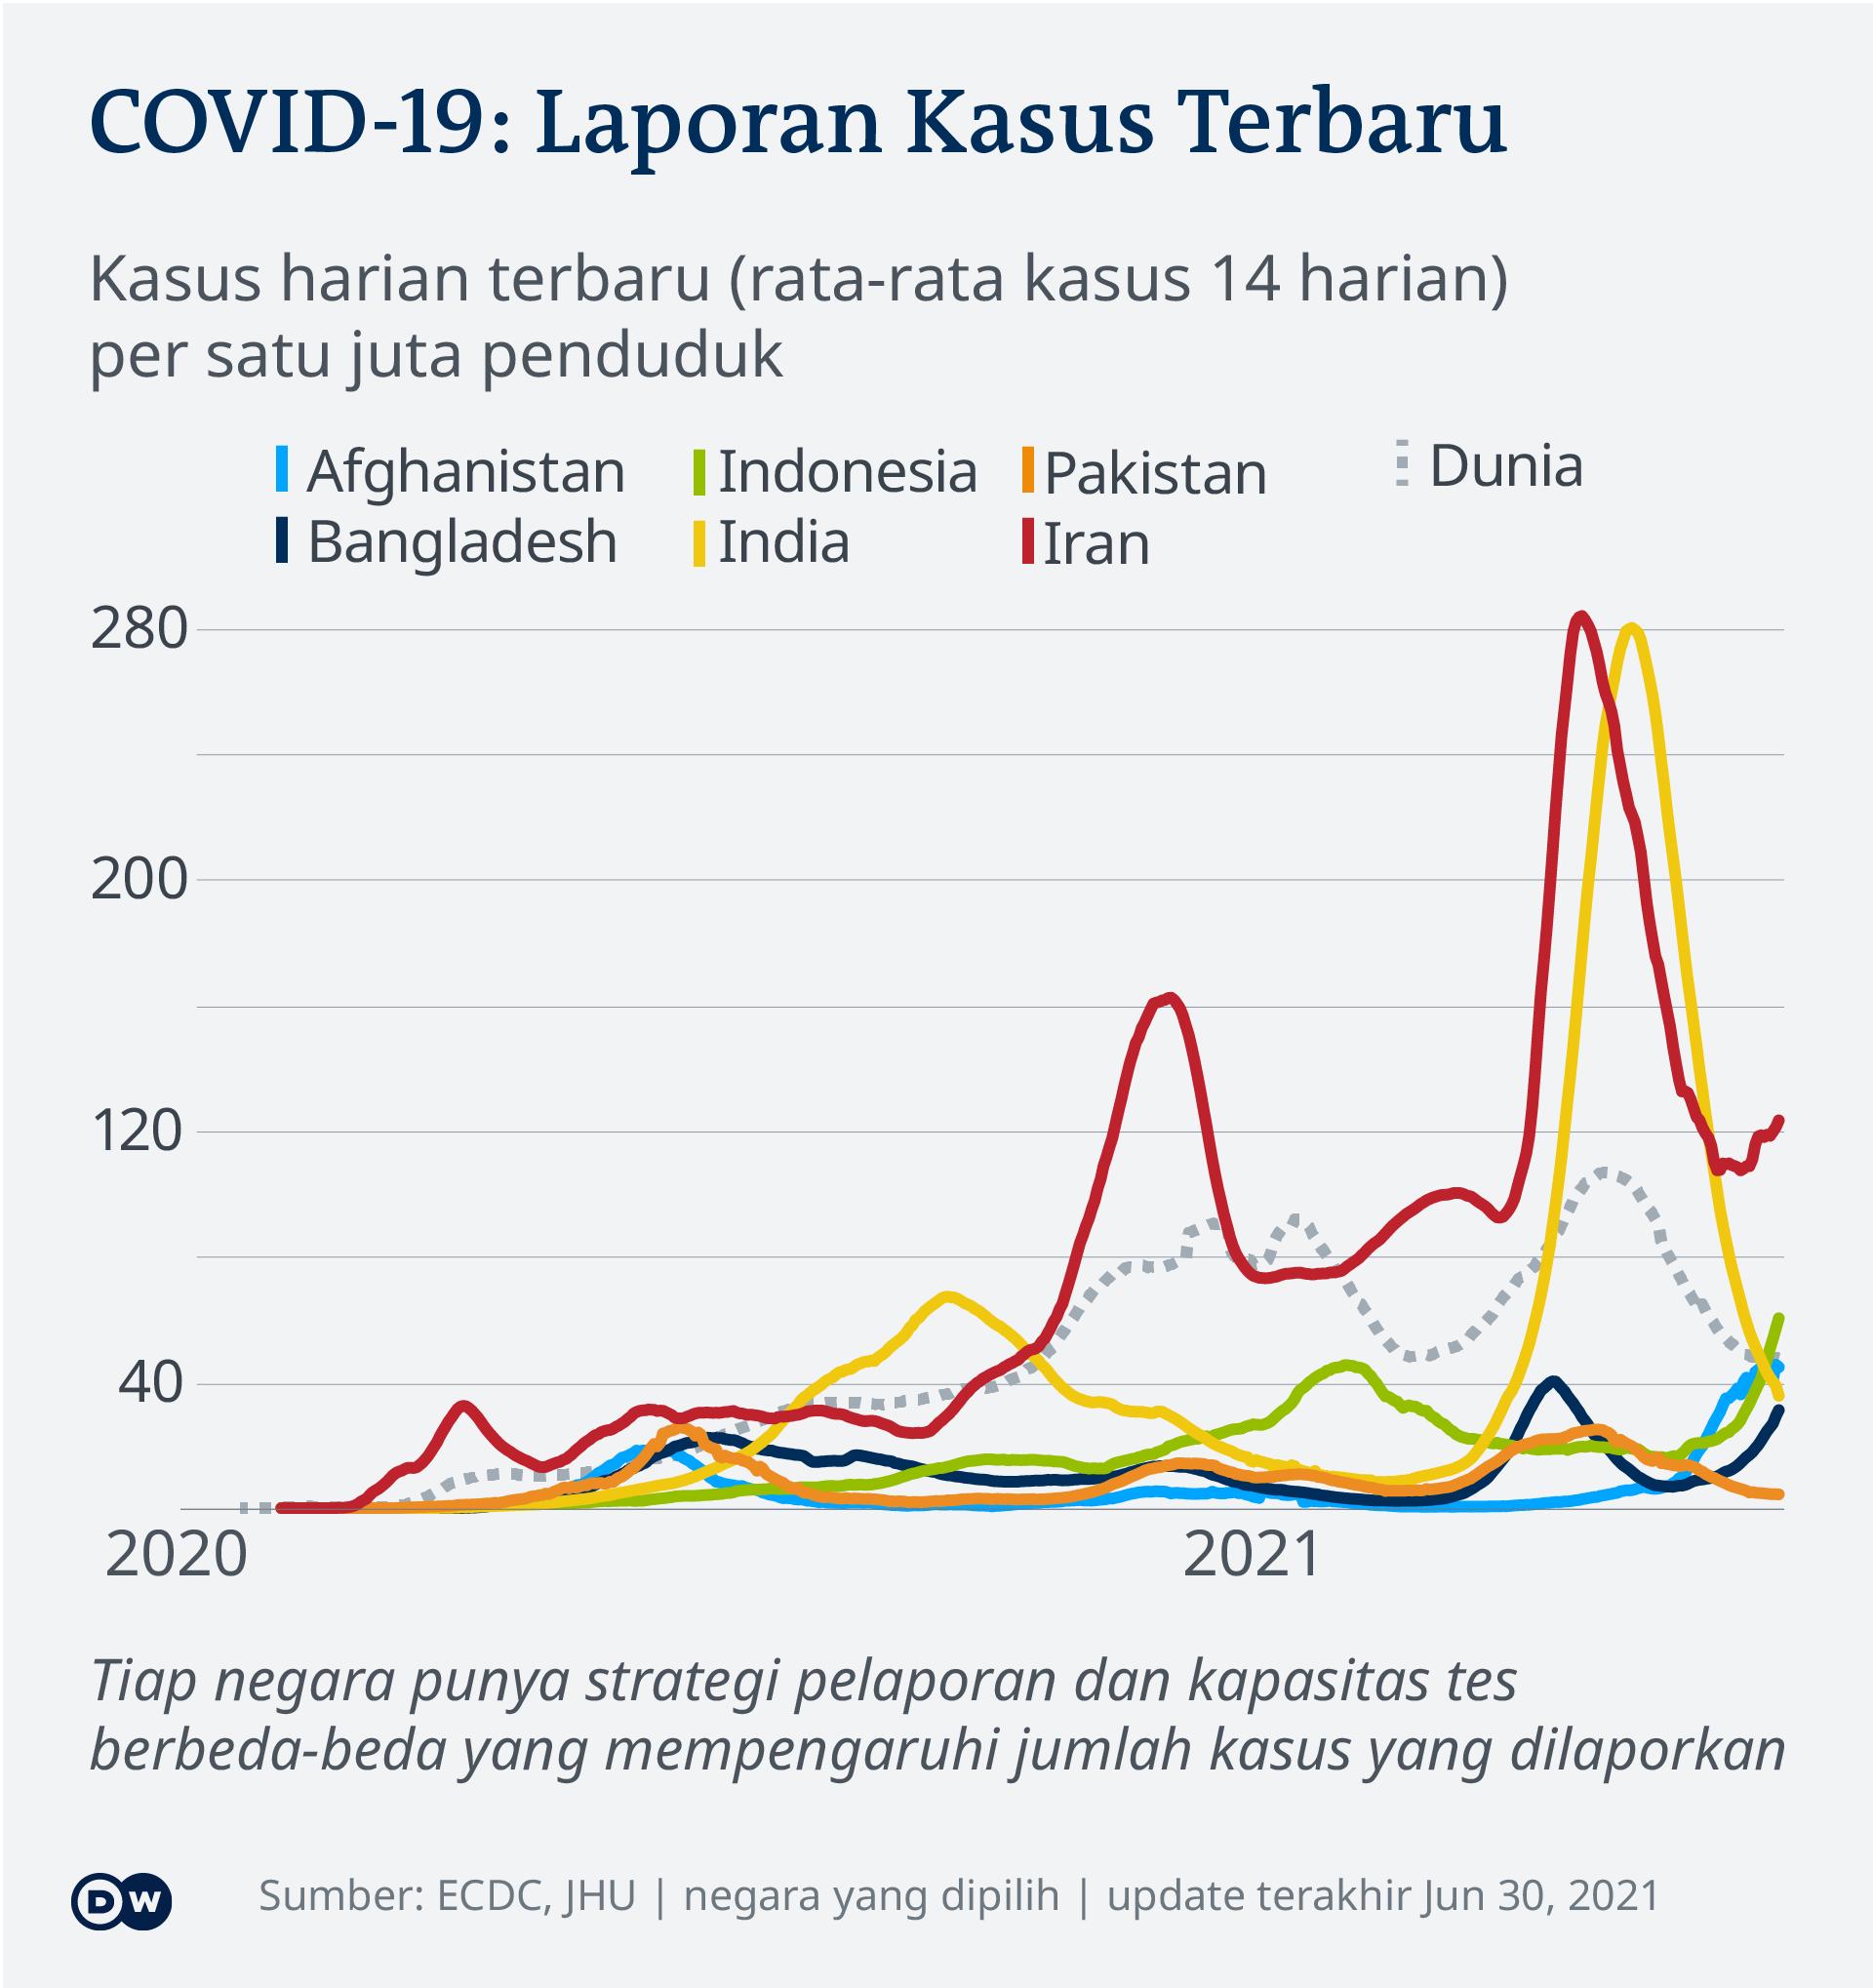 Data kasus harian terbaru COVID-19 di beberapa negara Asia tiap satu juta penduduk.